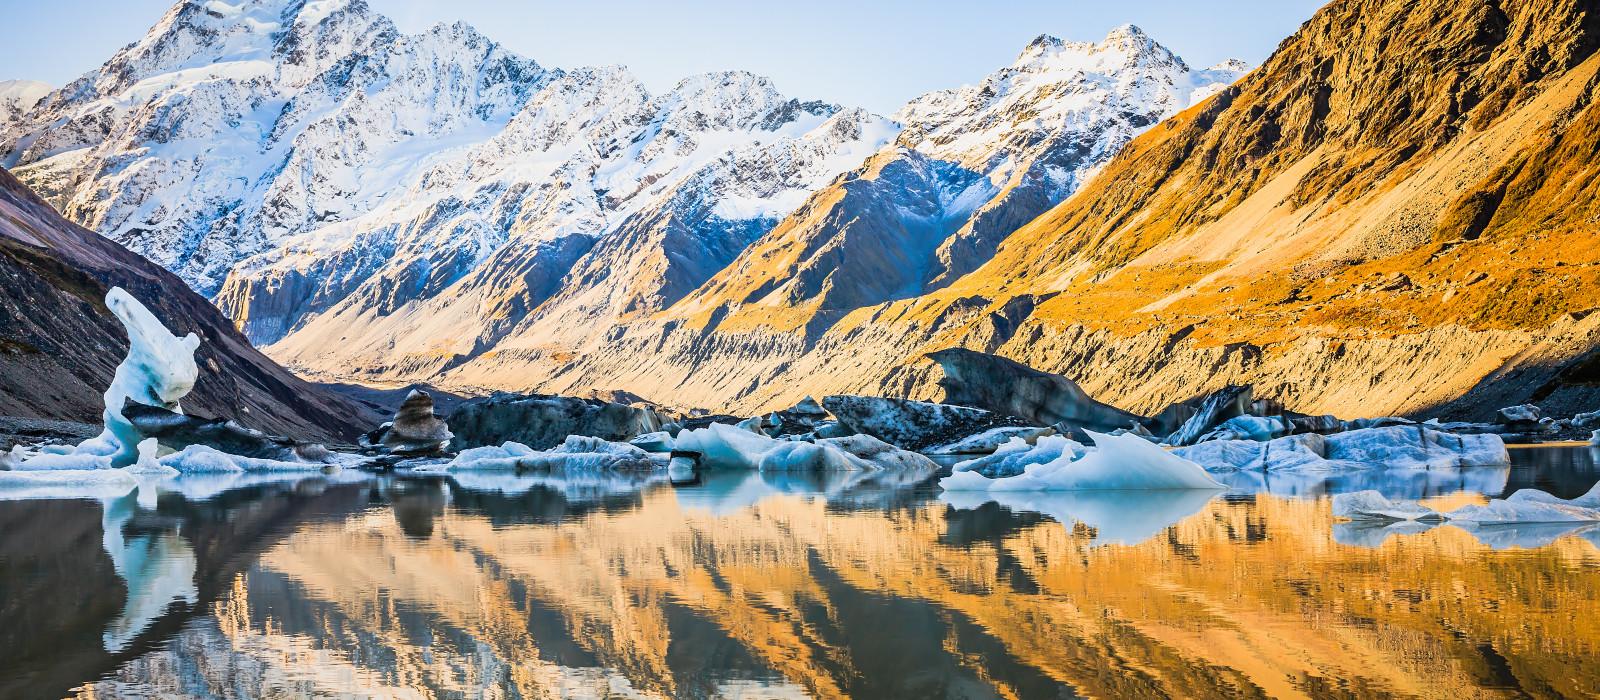 Roadtrip für Einsteiger: Kia Ora – Willkommen in Neuseeland Urlaub 1